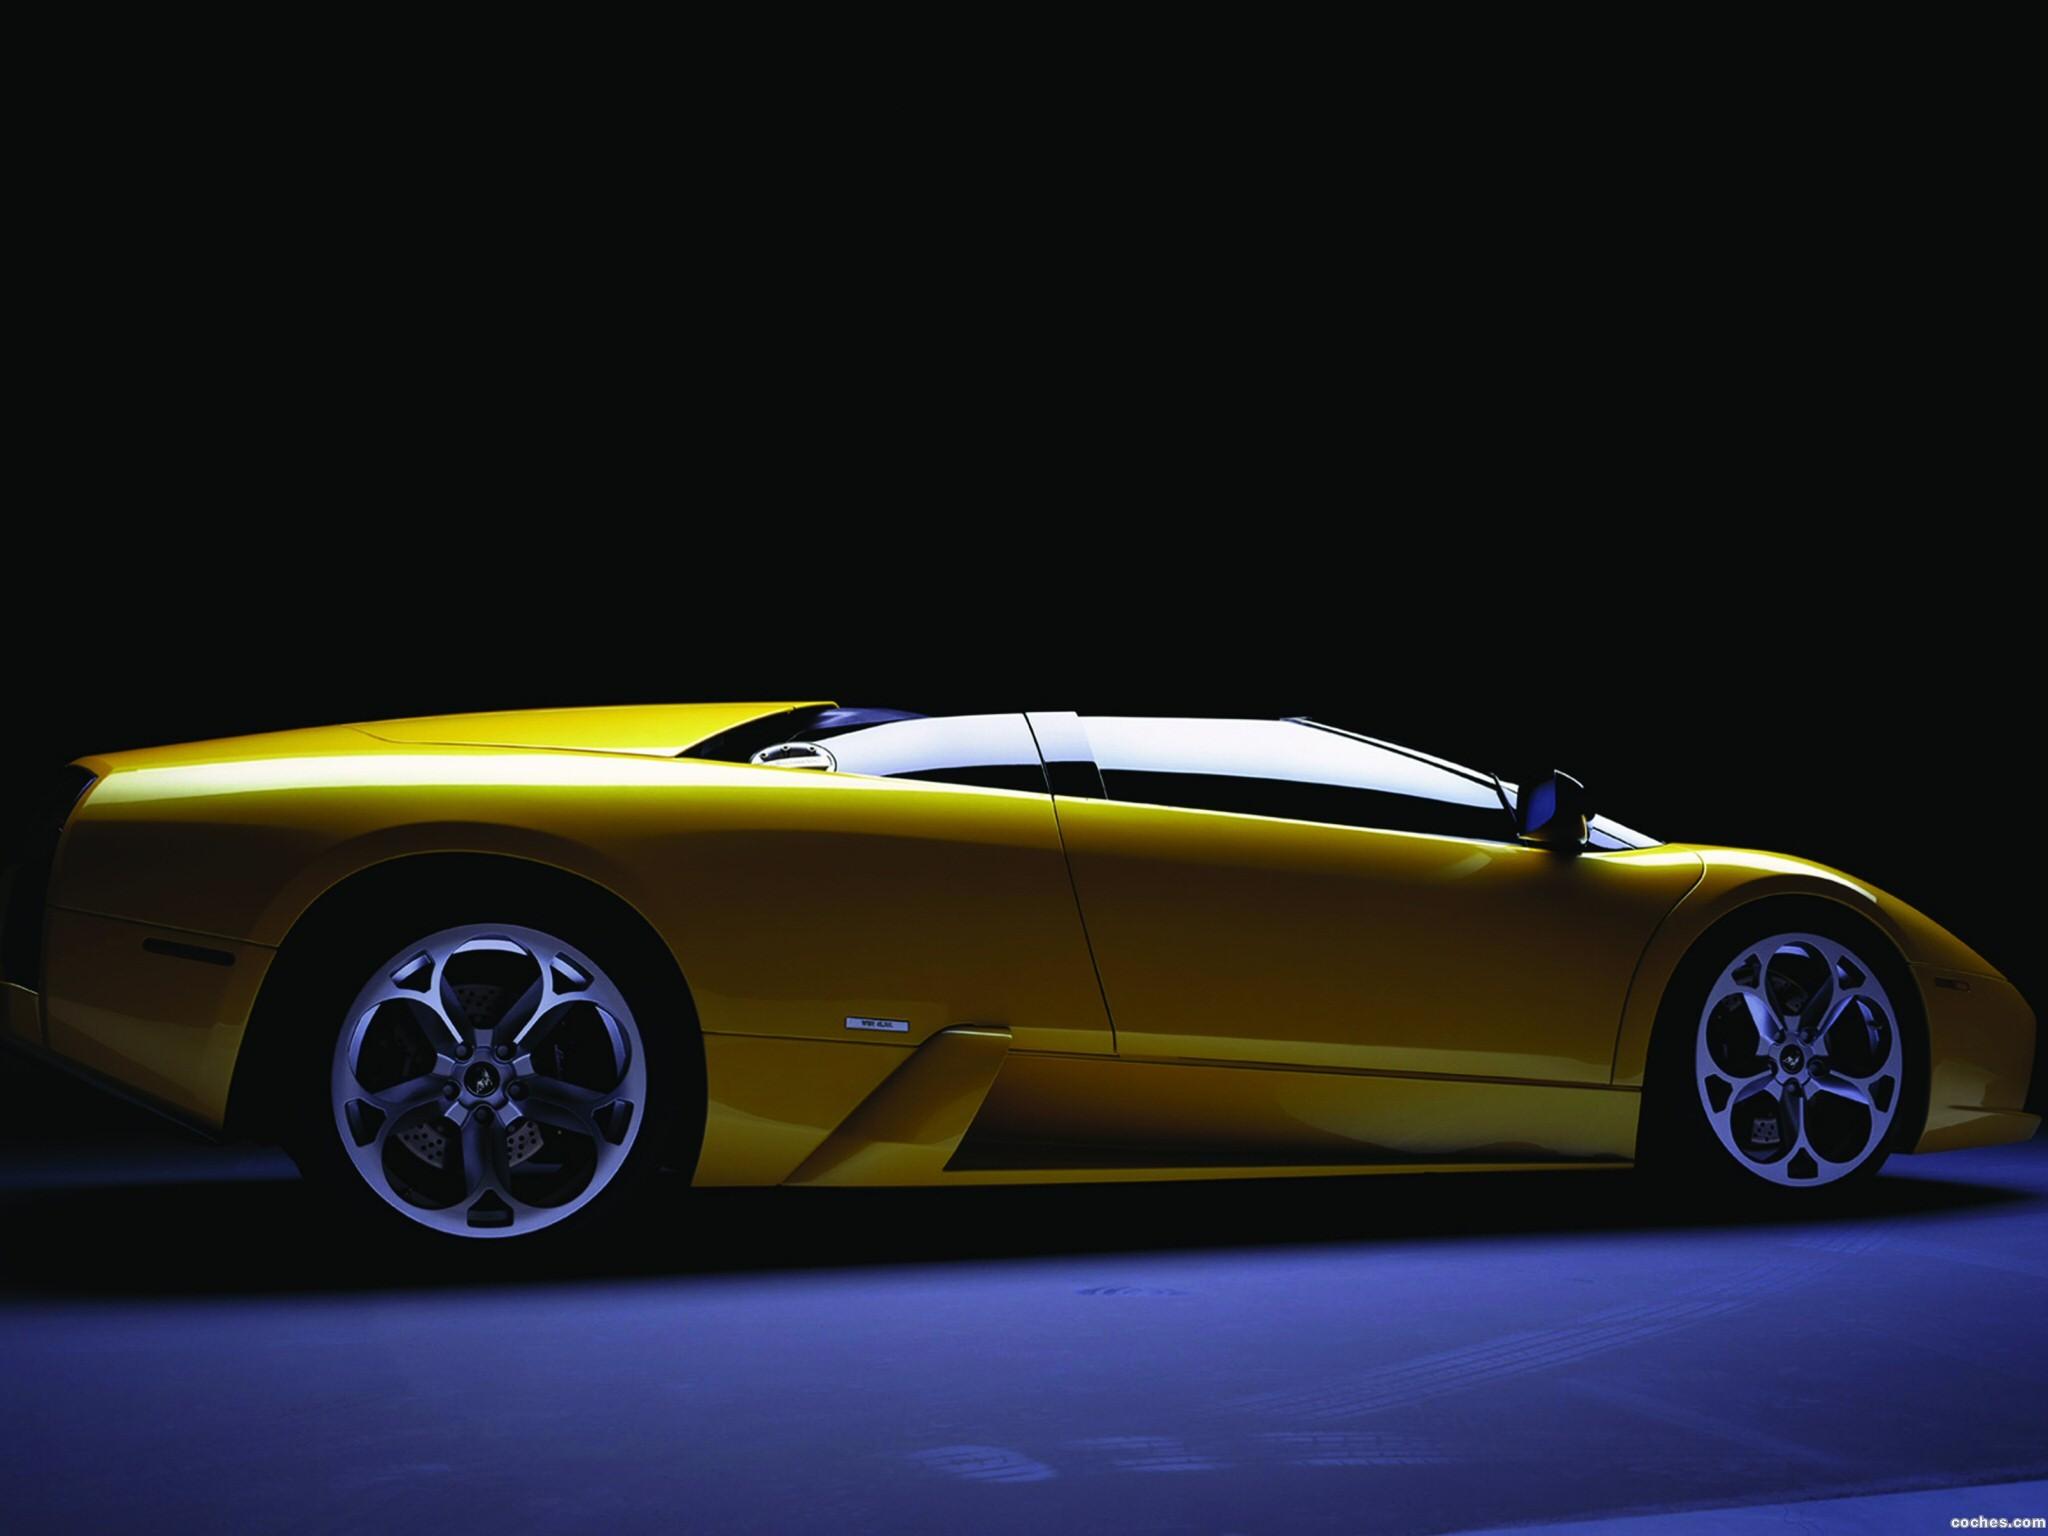 Foto 0 de Lamborghini Murcielago Barchetta Concept 2002